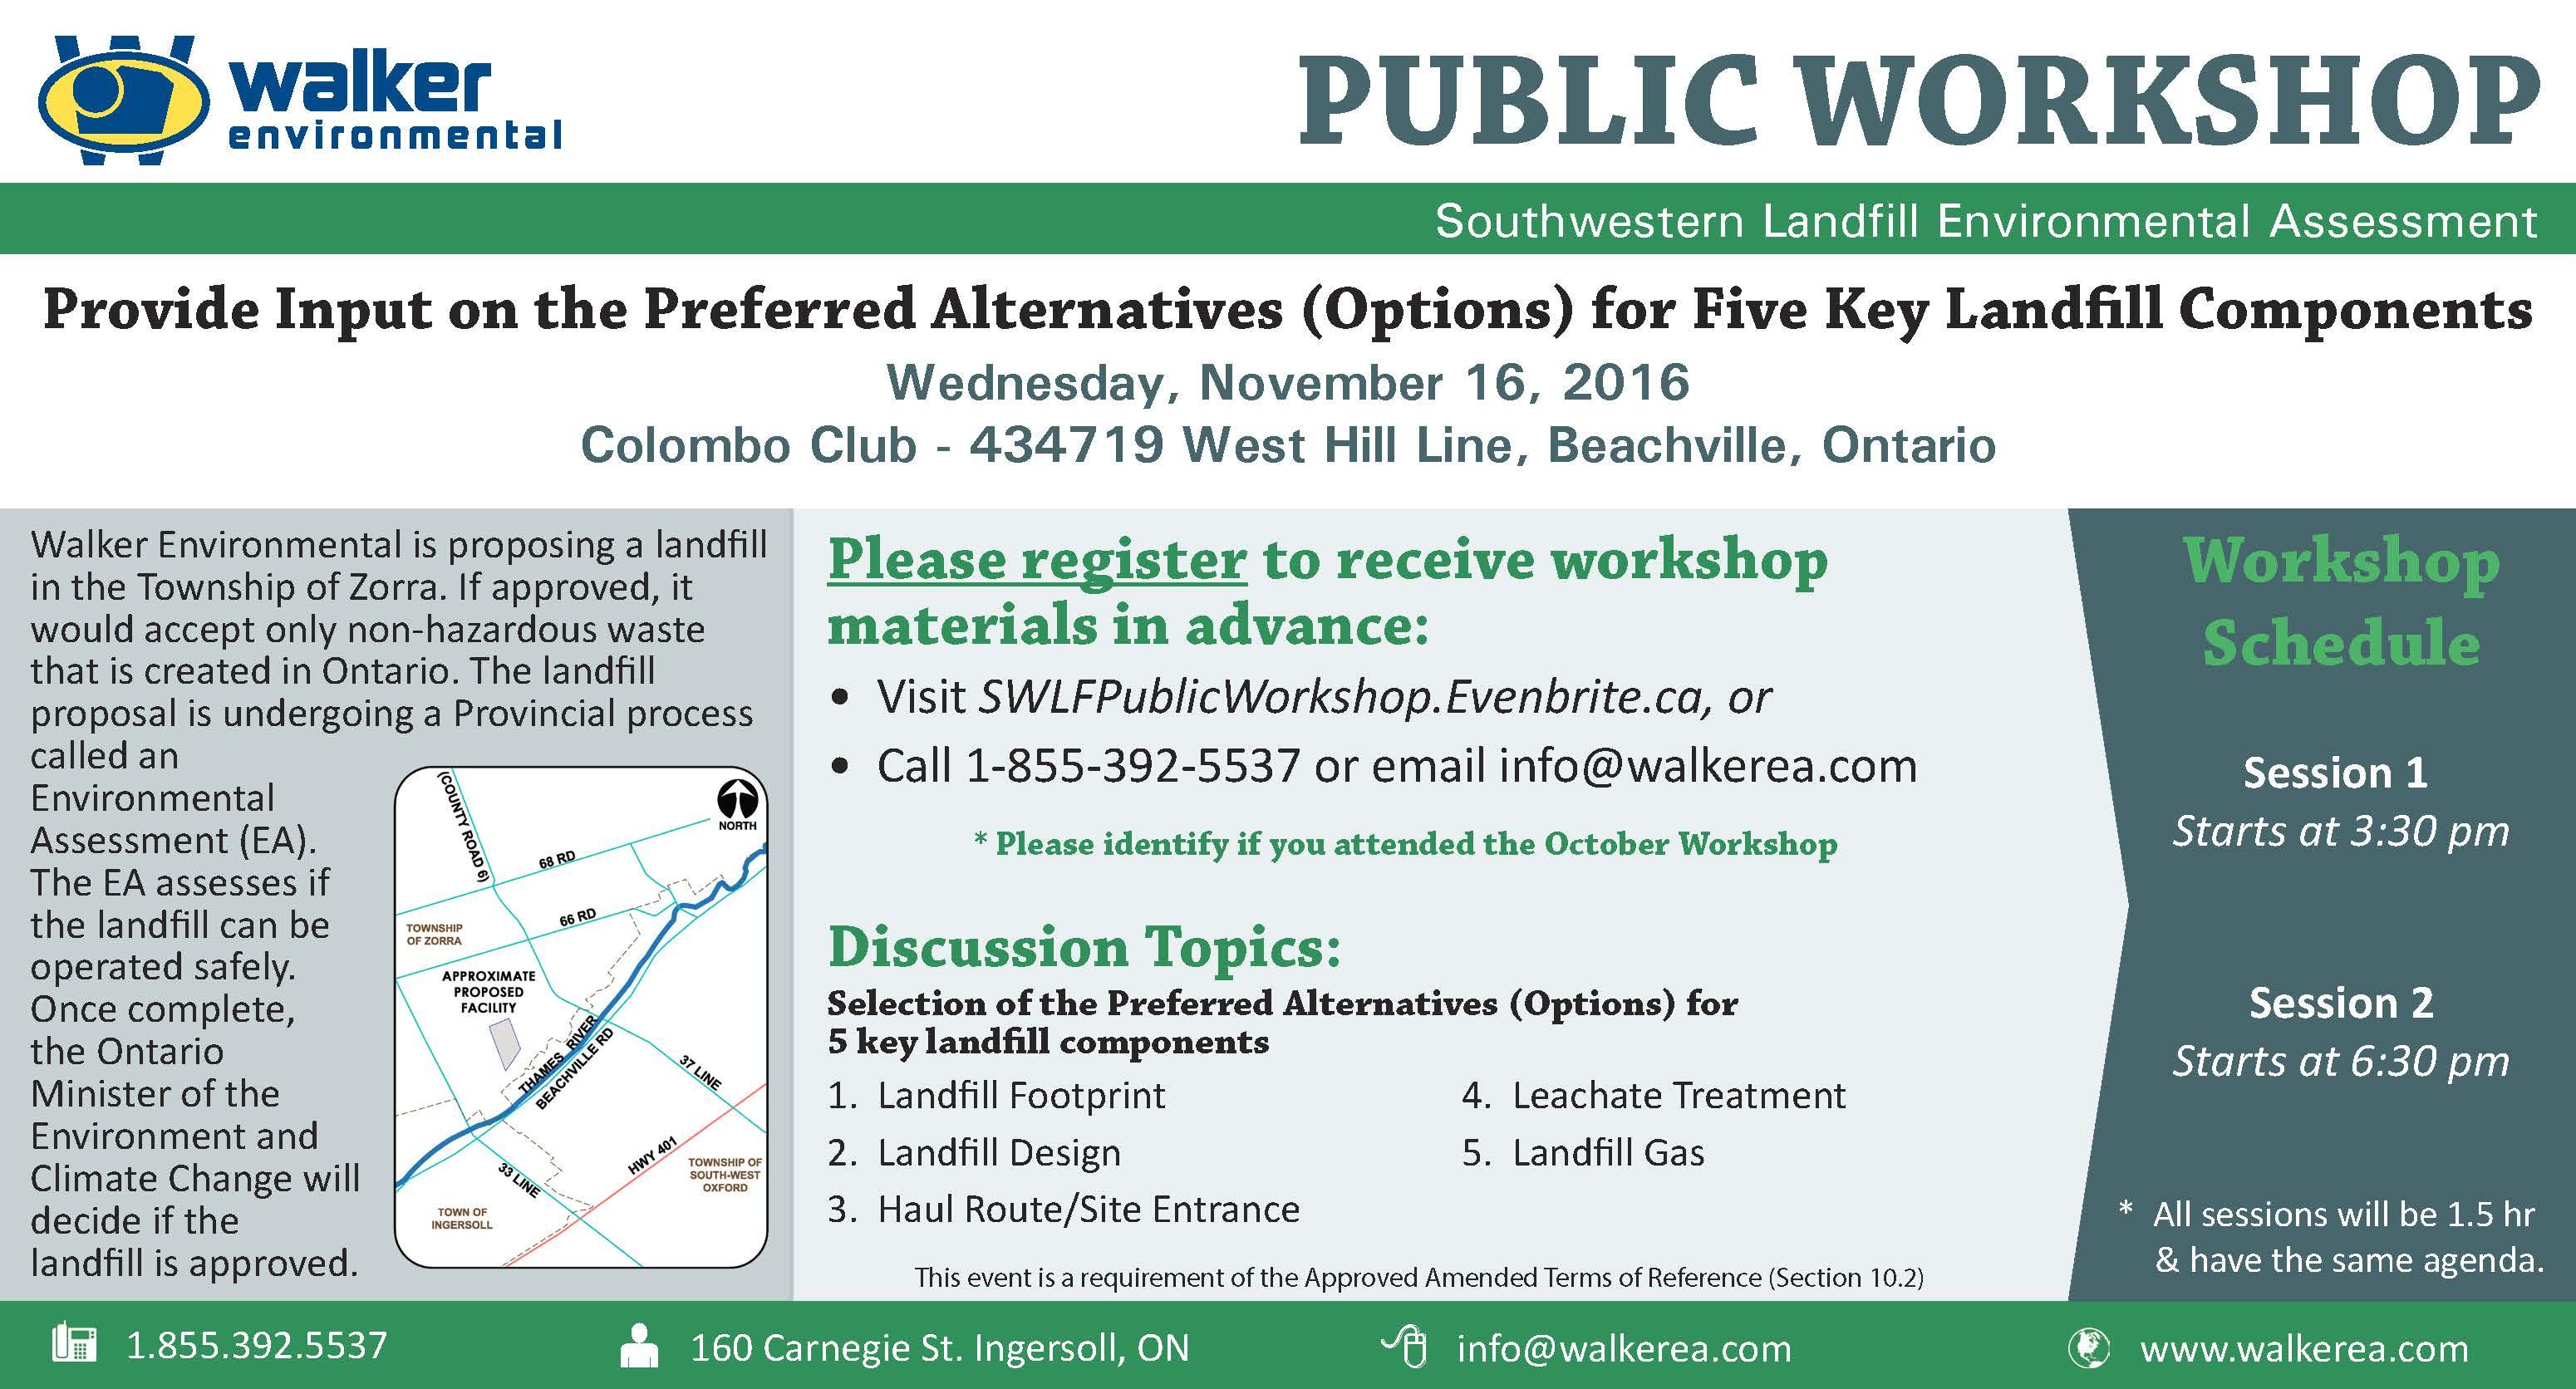 Advertisement for November 16, 2016 Public Workshop